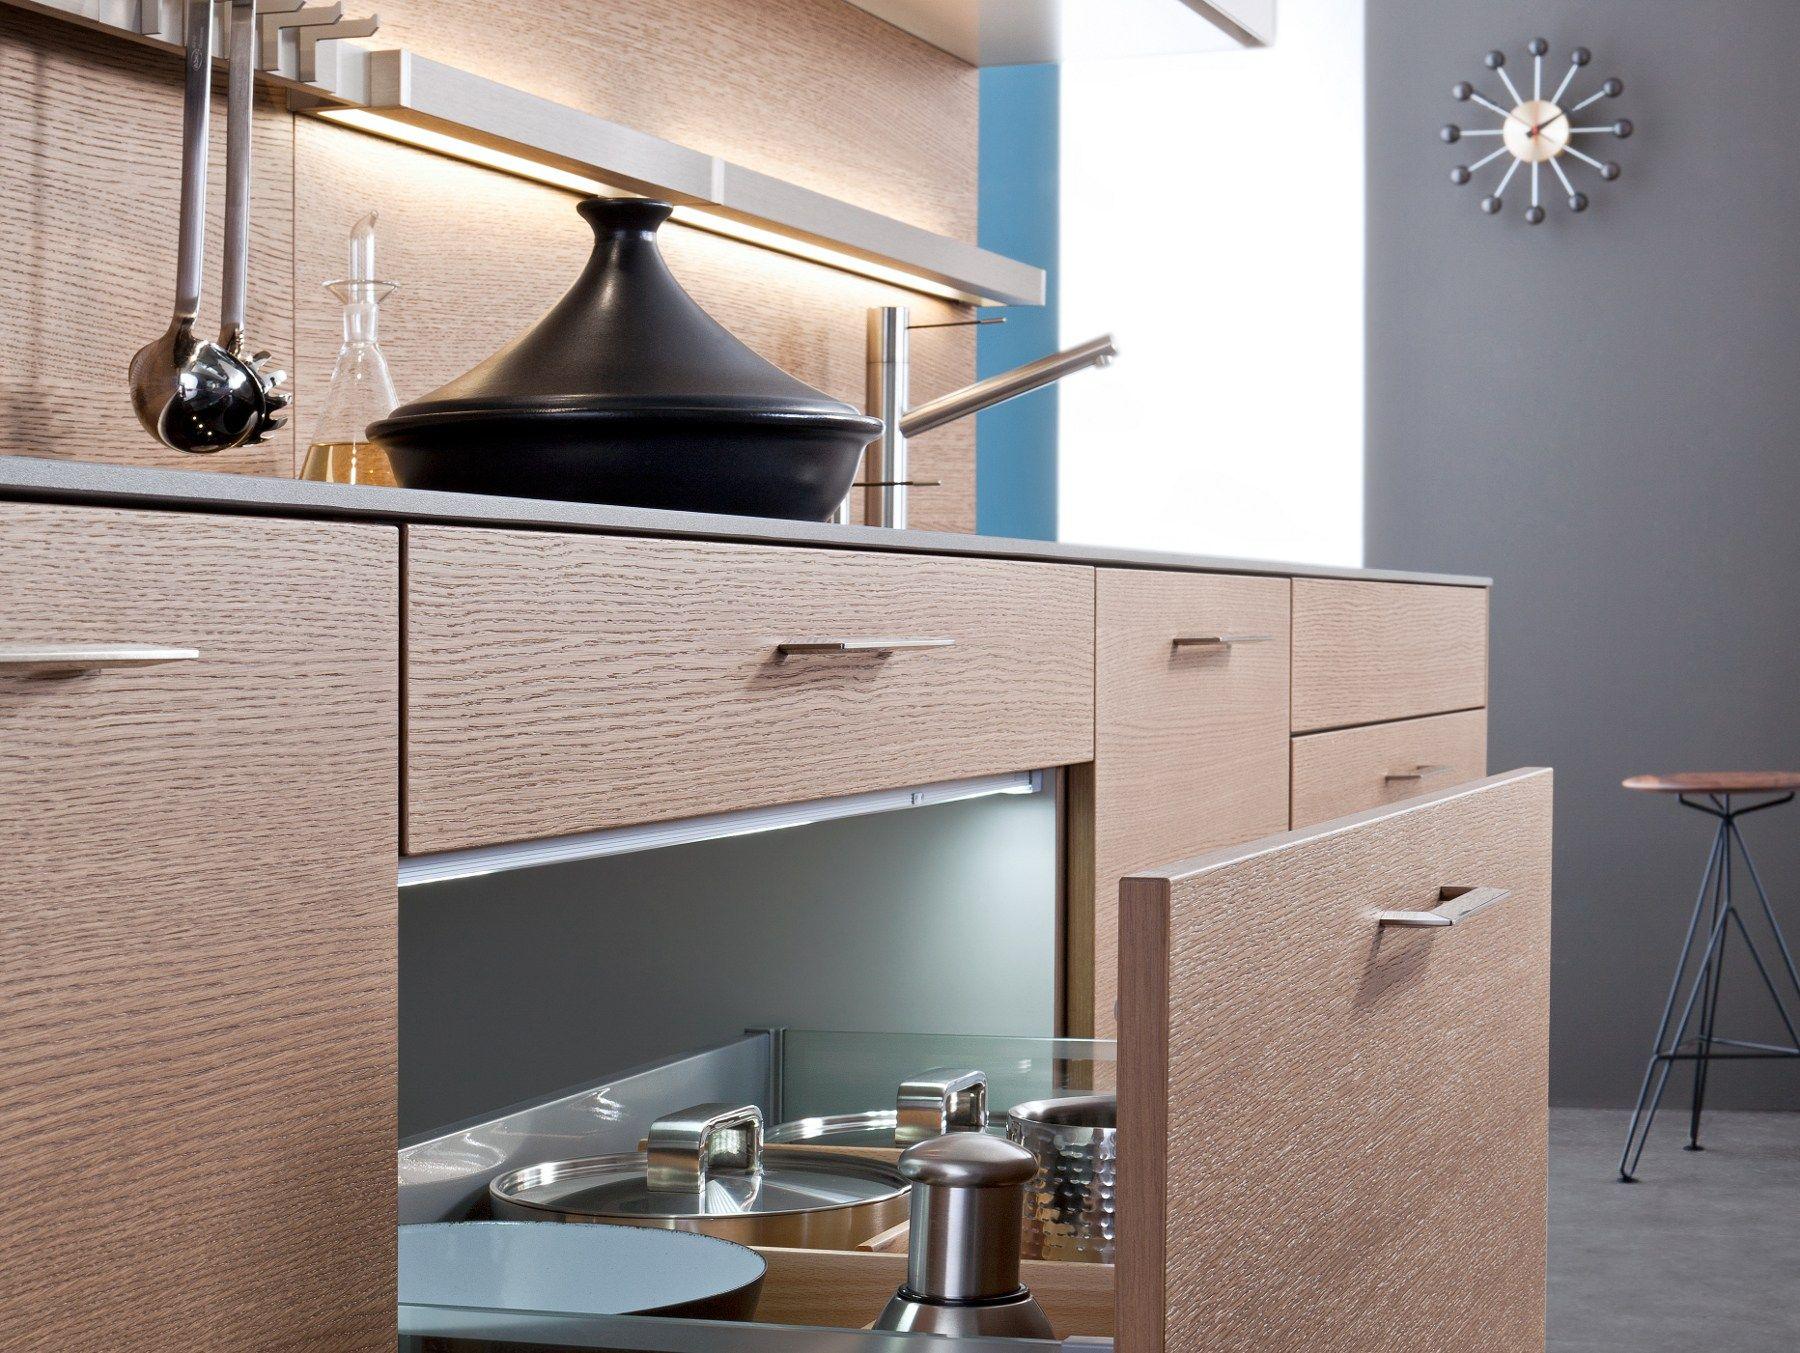 Küche mit Kücheninsel CLASSIC-FS TOPOS by LEICHT Küchen